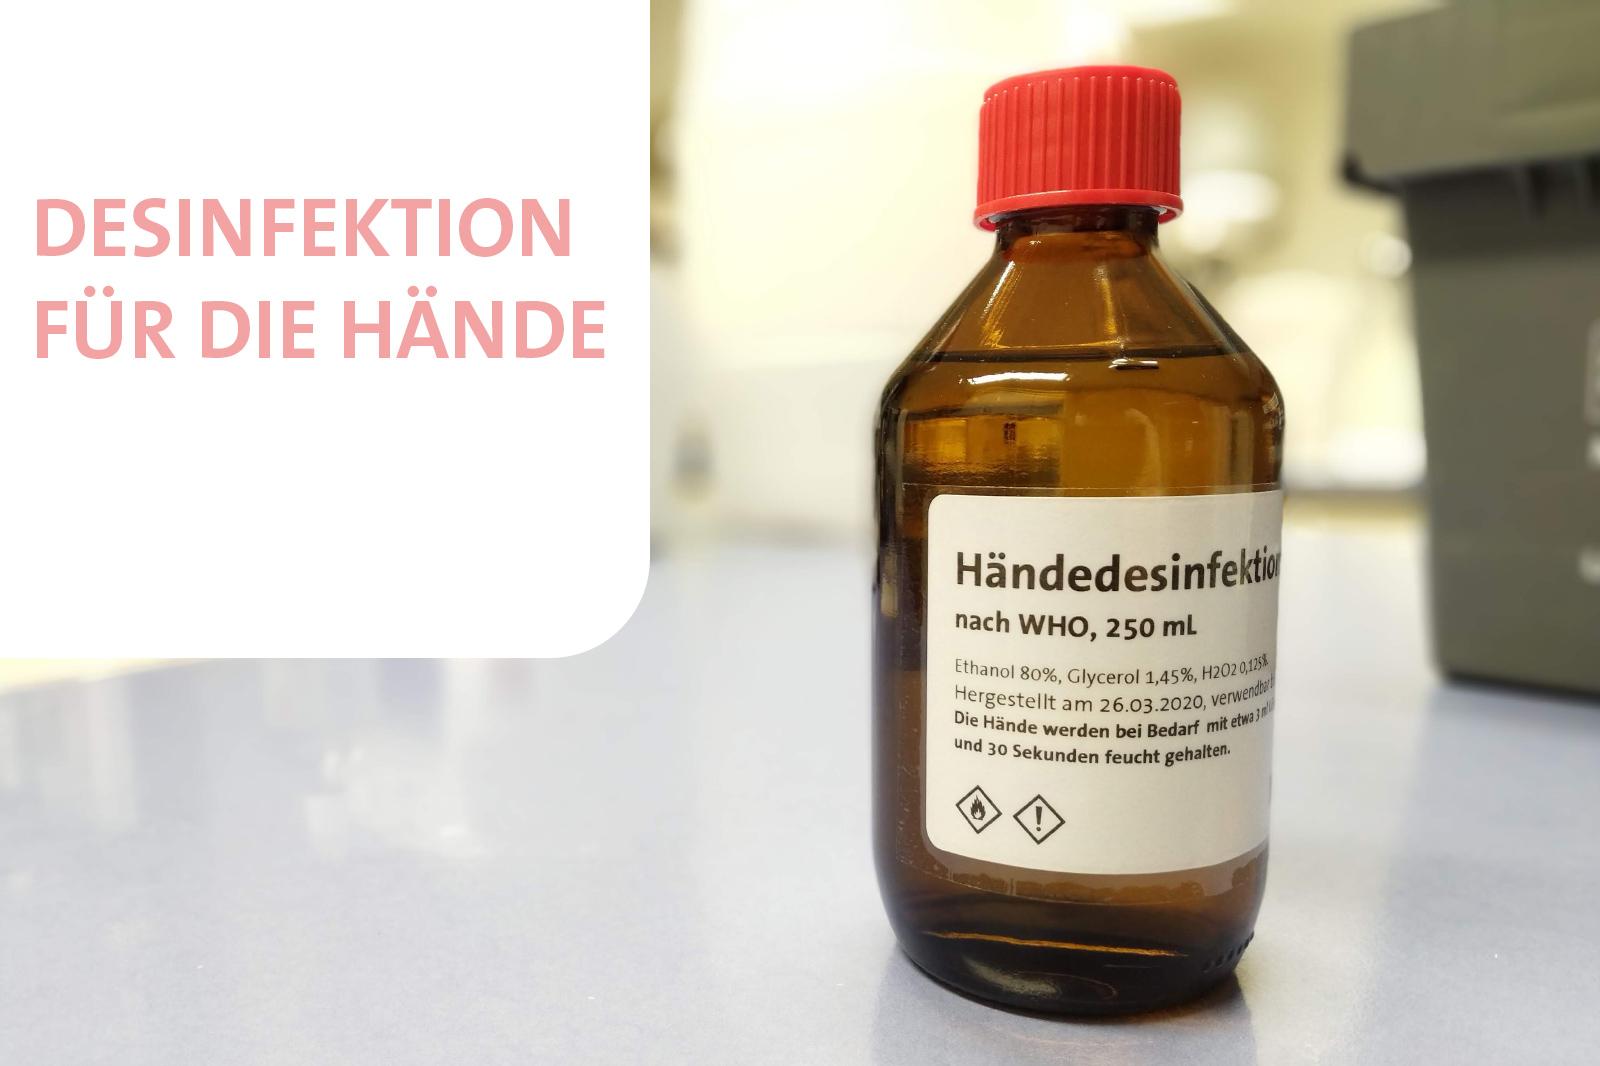 Händedesinfektionsmittel hergestellt